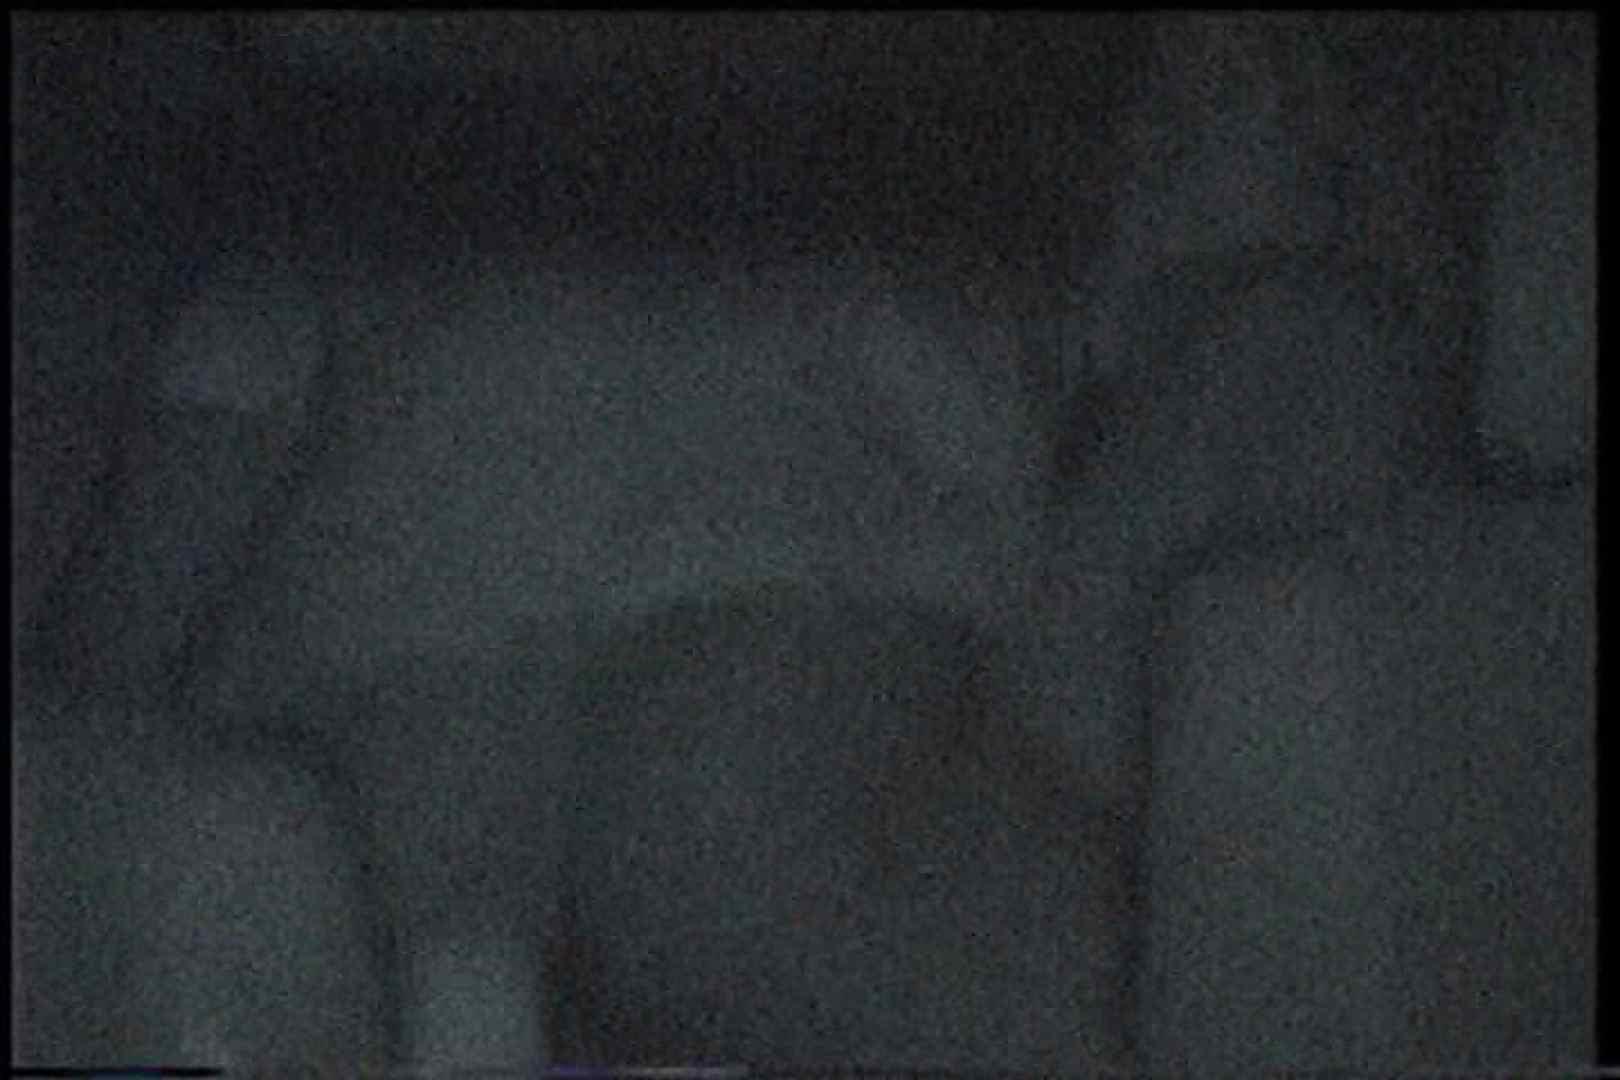 充血監督の深夜の運動会Vol.181 エロティックなOL 女性器鑑賞 79画像 44